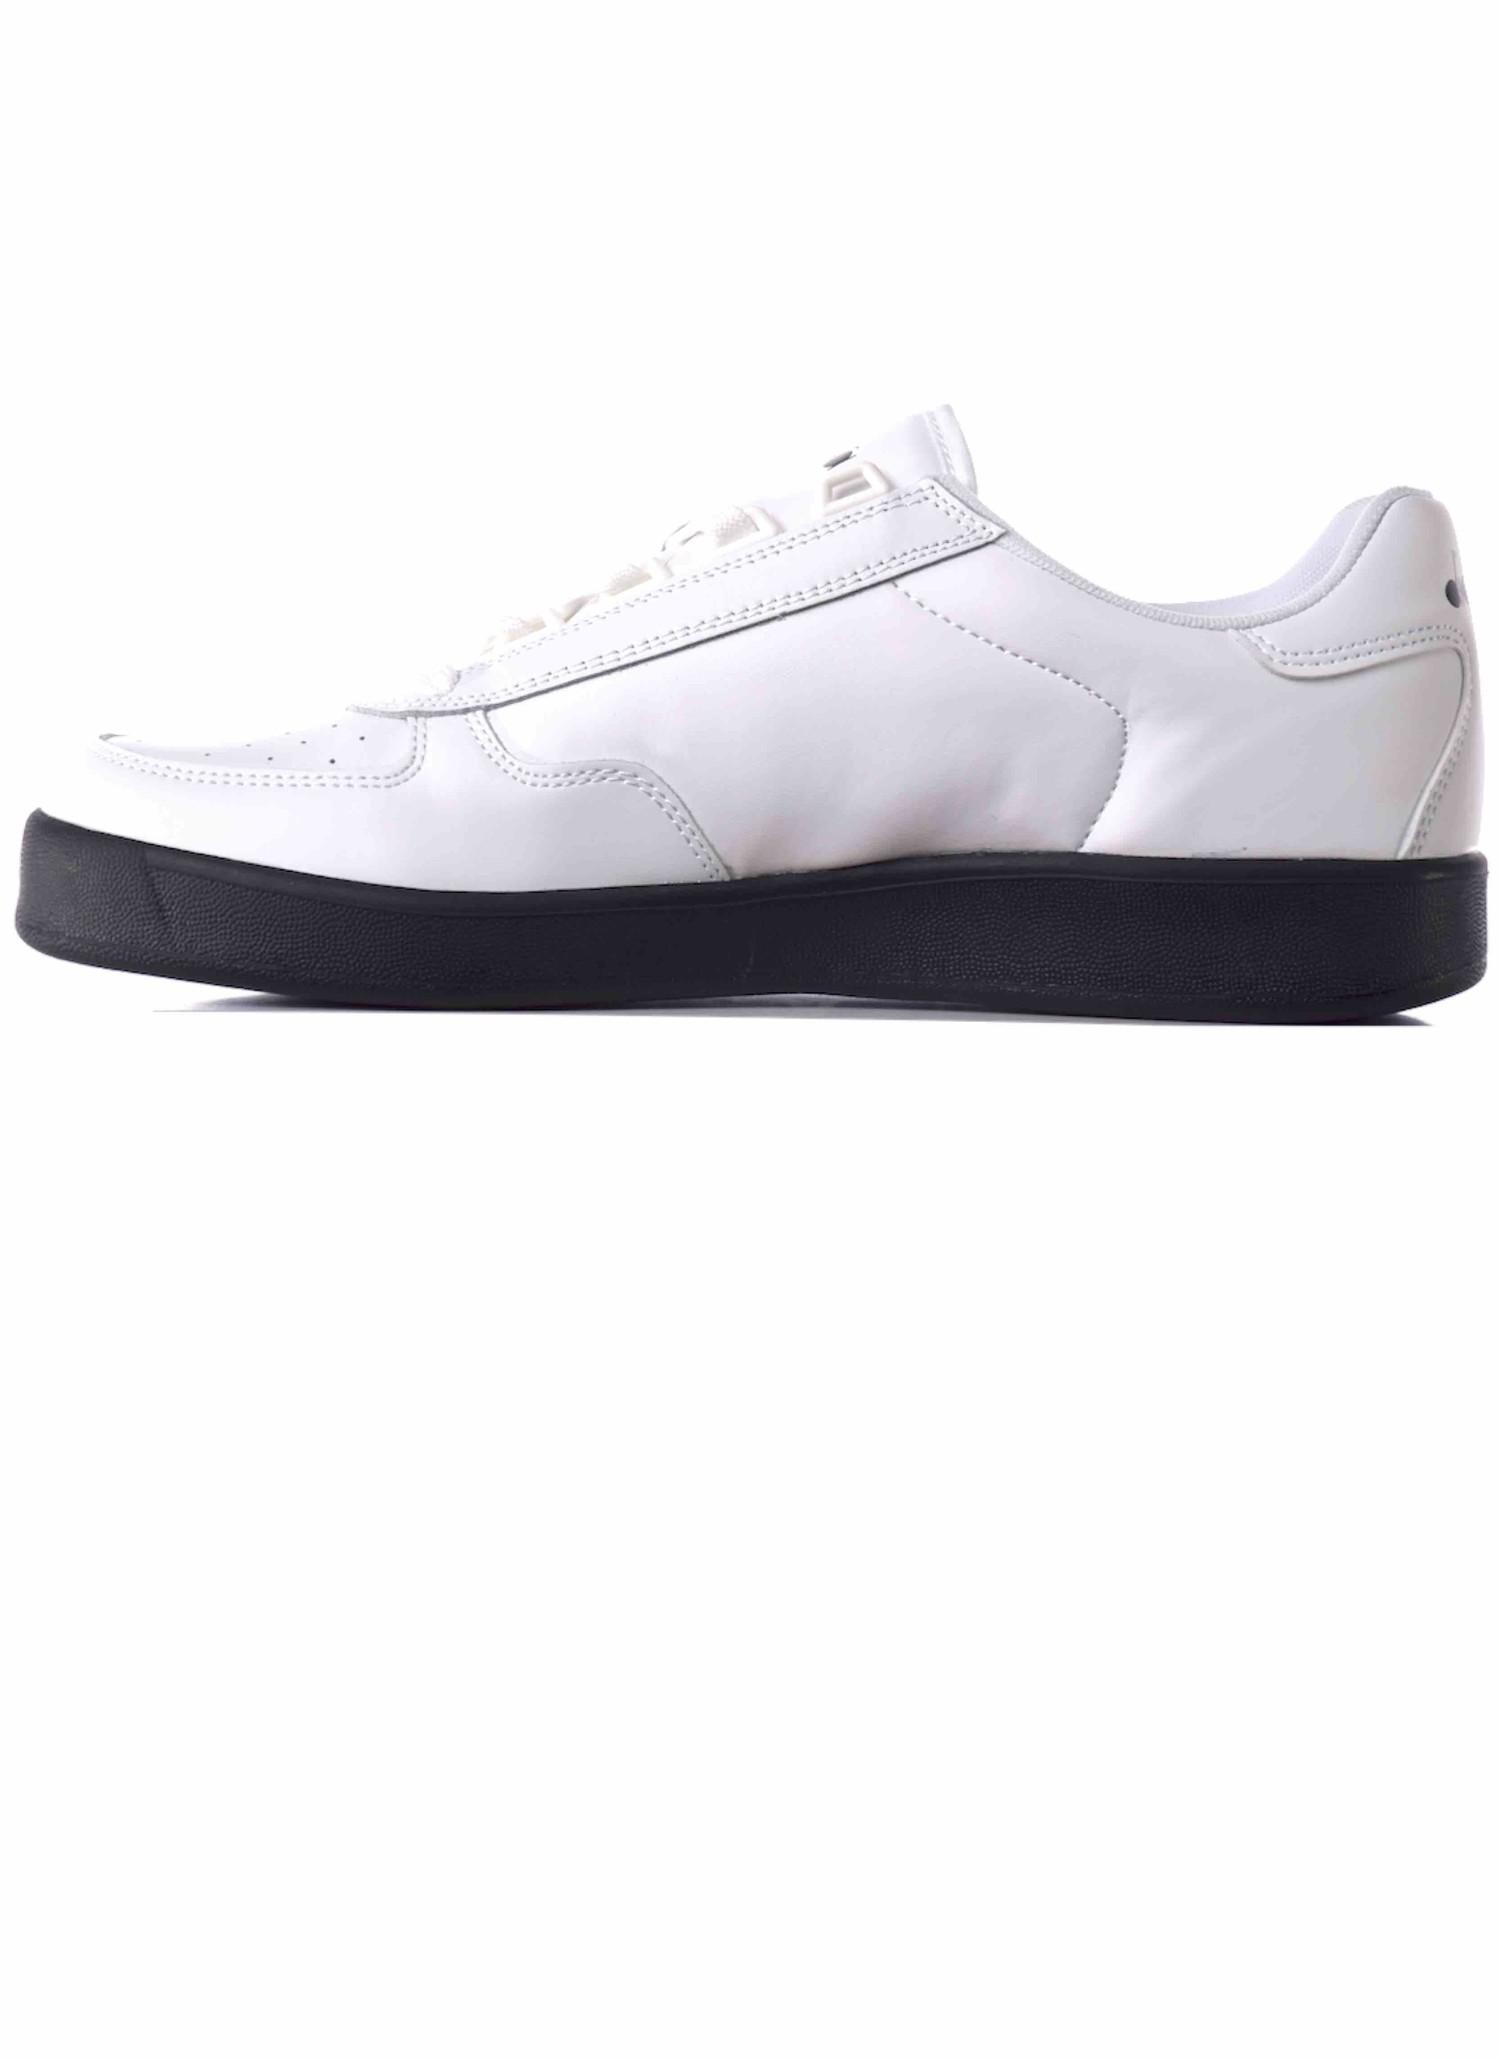 Diadora B.Elite Bolder Sneakers White